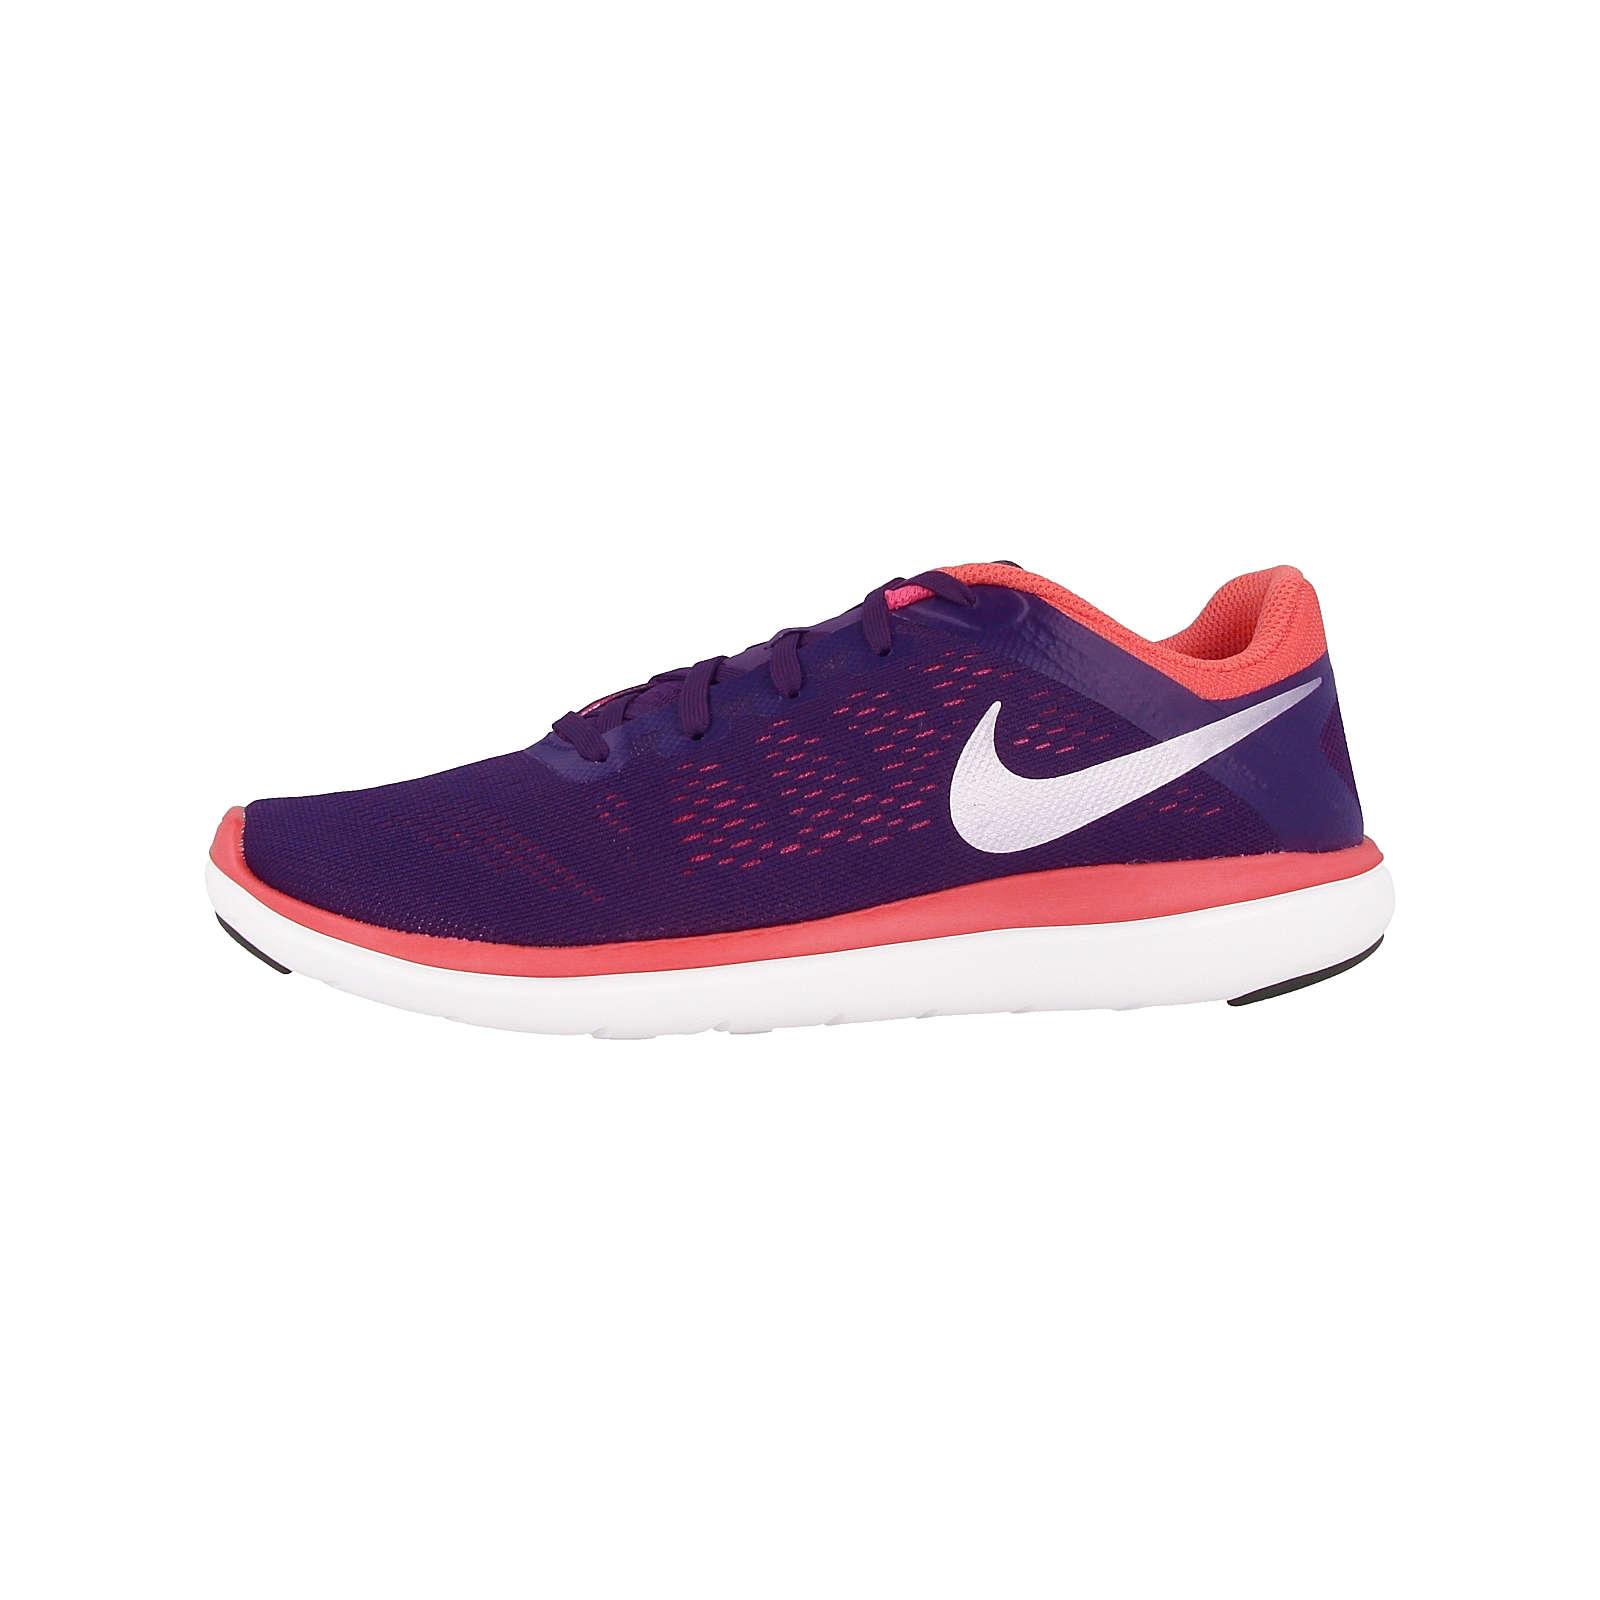 Nike Performance Laufschuhe Flex 2016 RUN (GS) für Mädchen lila Mädchen Gr. 36,5